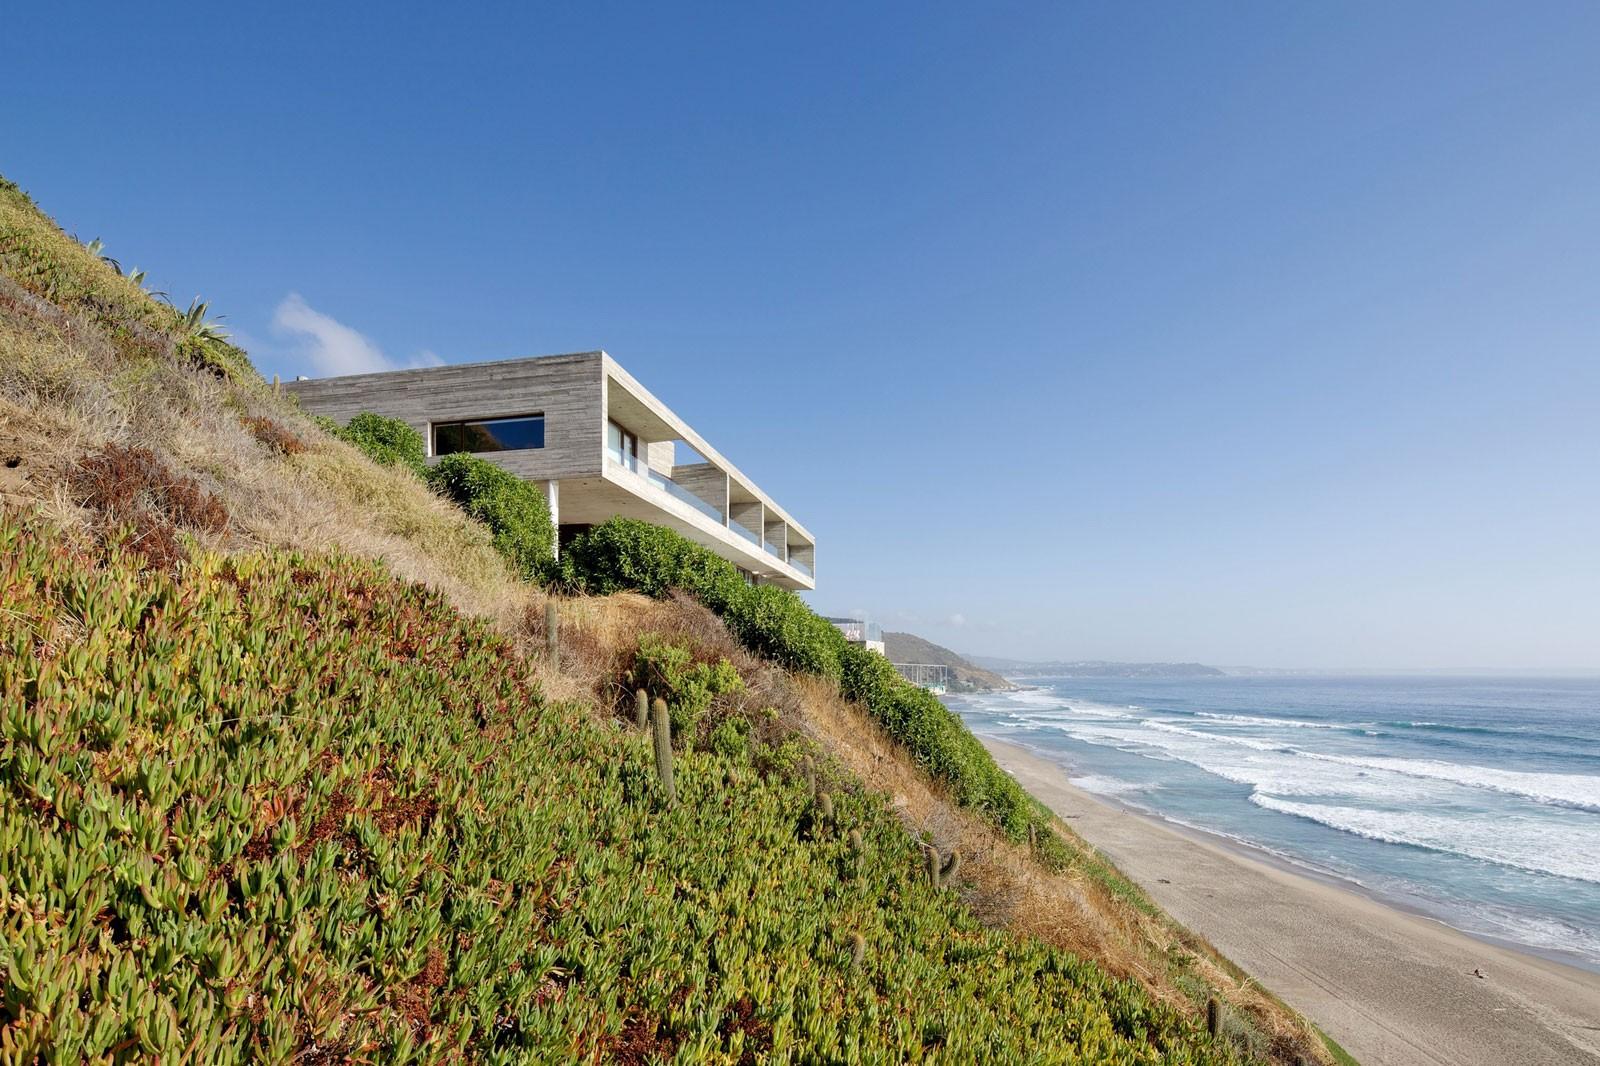 Роскошный загородный дом с видом на океан в Чили